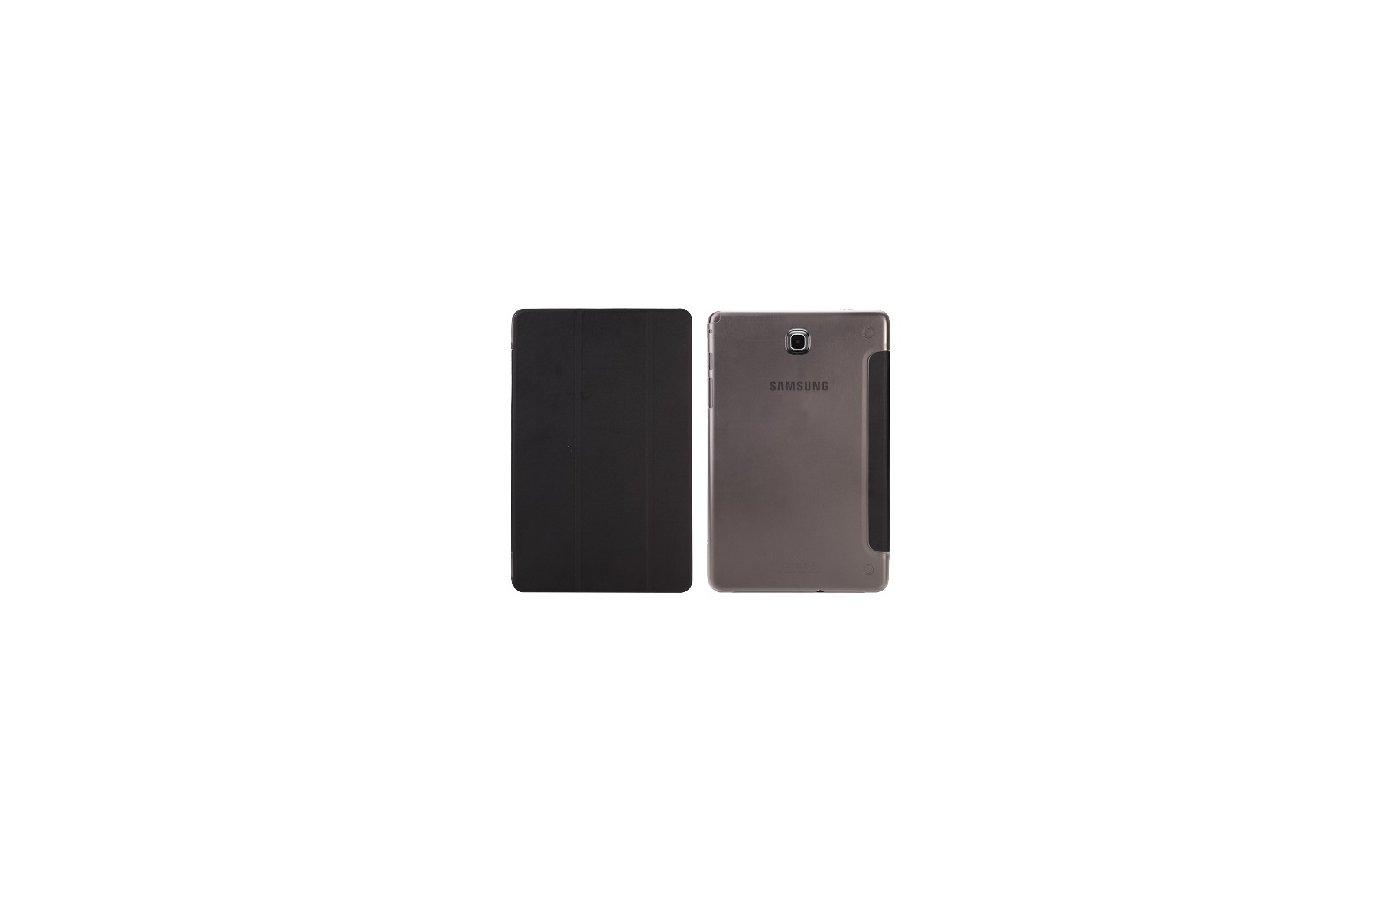 Чехол для планшетного ПК IT BAGGAGE для SAMSUNG Galaxy Tab A 8 hard case иск.кожа черный ITSSGTA8007-1